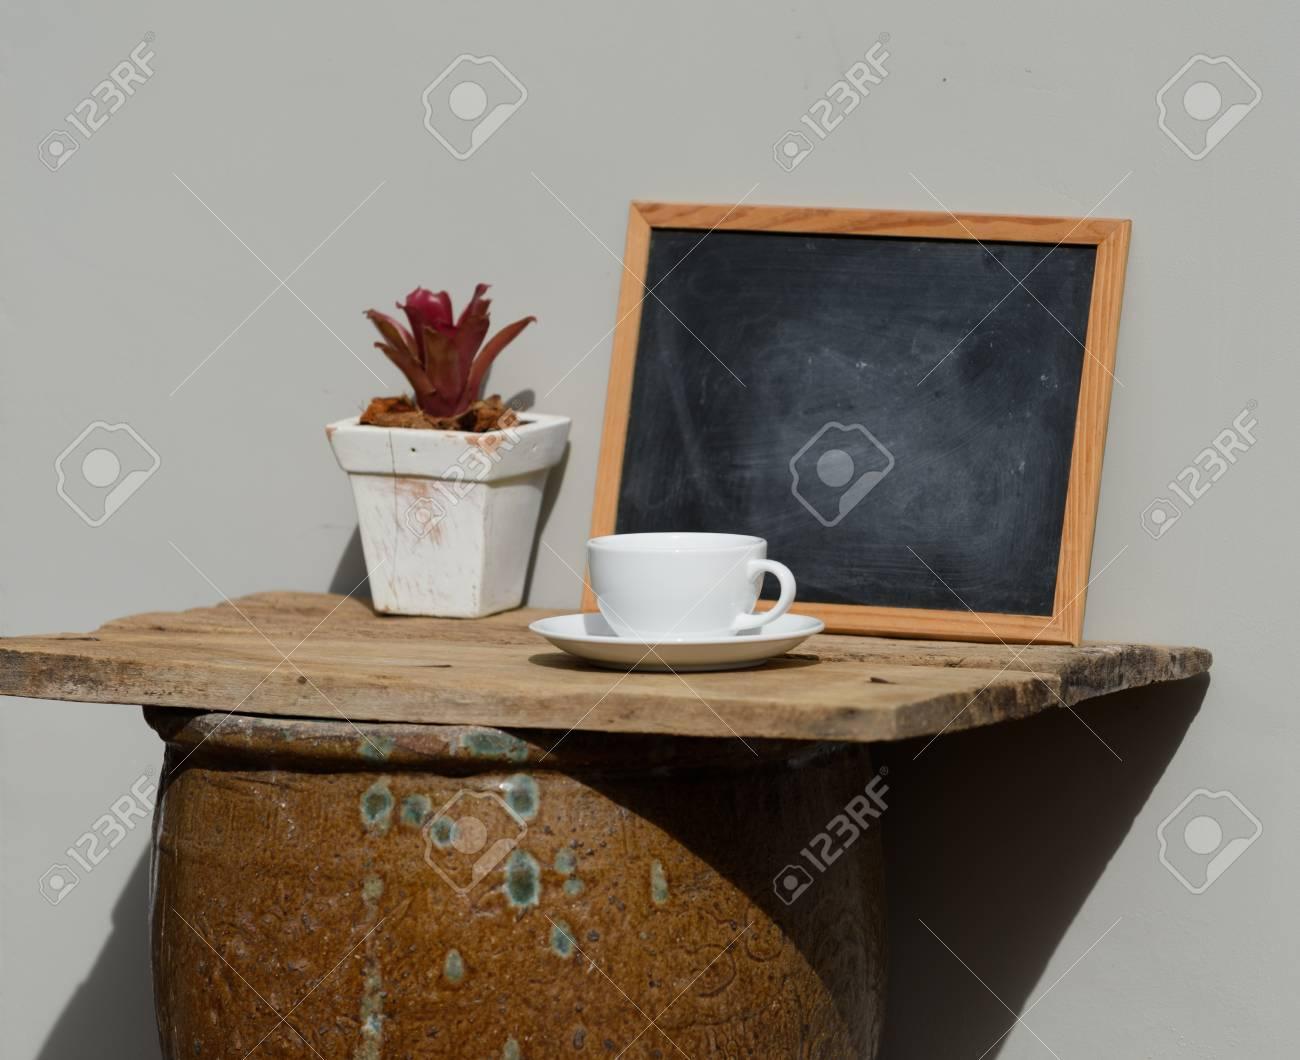 Taza De Café Sobre Tarro Antiguo En Terraza Exterior Con Decoración De Cortina Azul